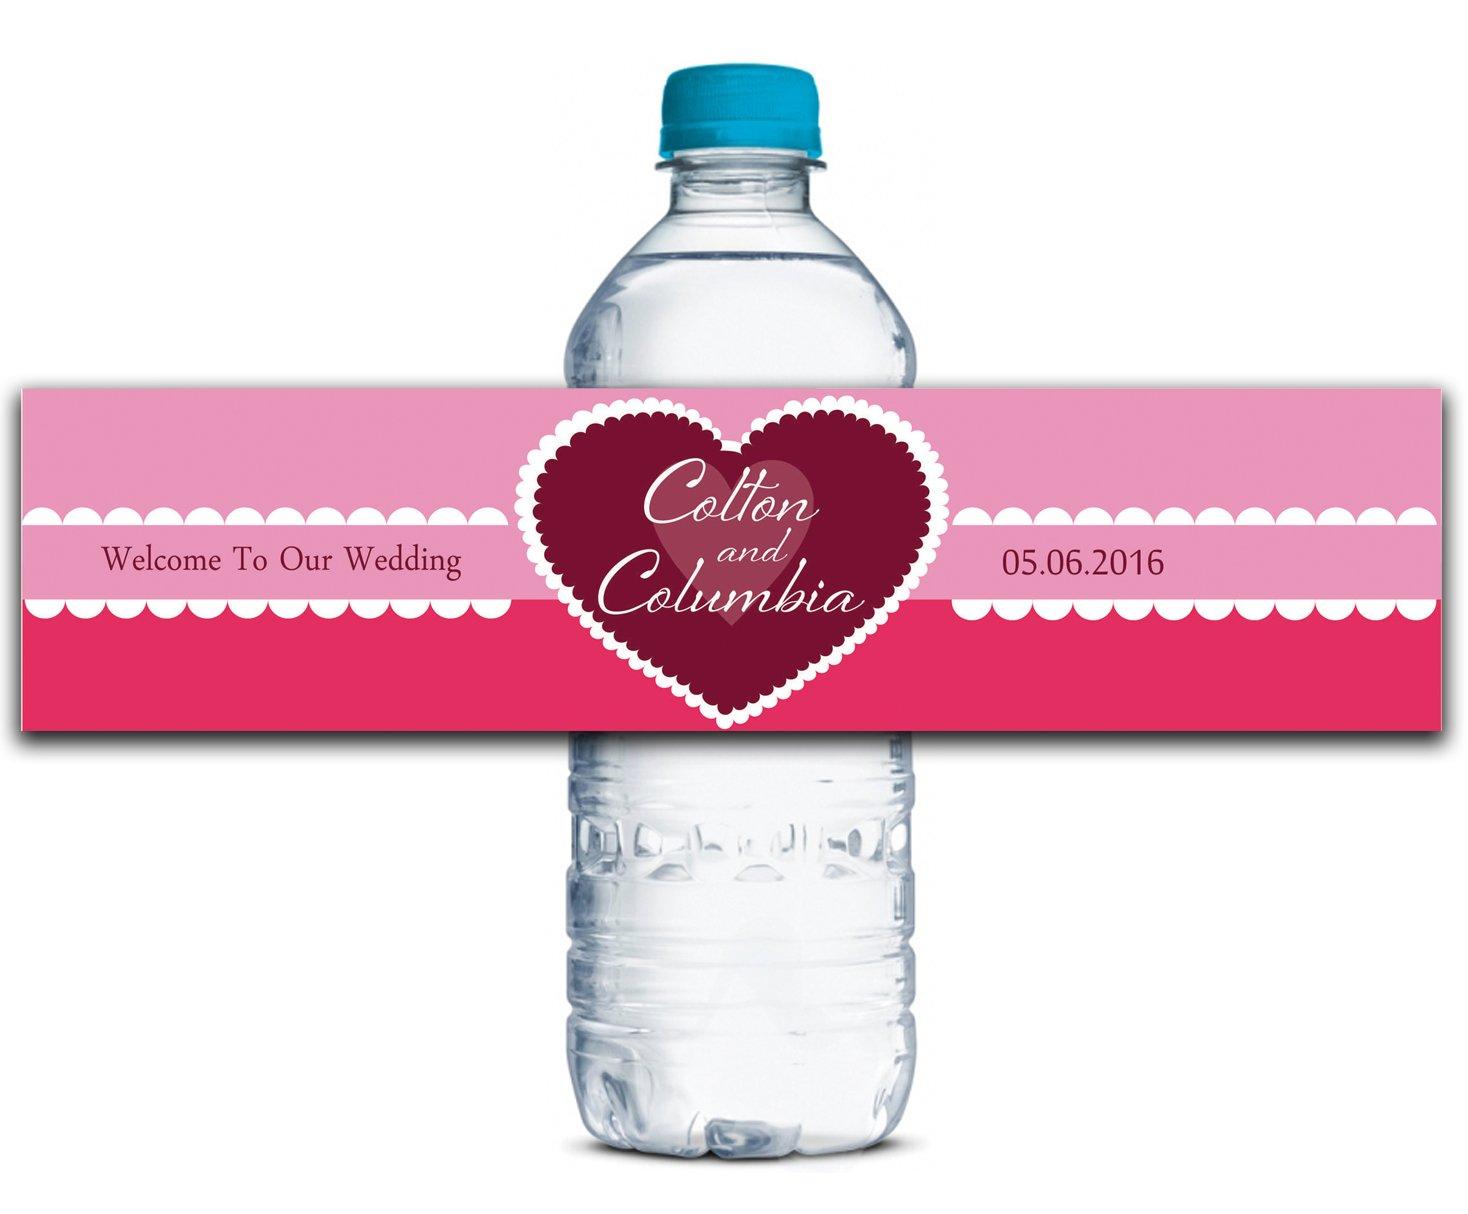 Personalisierte Wasserflasche Etiketten Selbstklebende wasserdichte Kundenspezifische Kundenspezifische Kundenspezifische Hochzeits-Aufkleber 8  x 2  Zoll - 70 Etiketten B01A0W8ZVI | Um Zuerst Unter ähnlichen Produkten Rang  a4079b